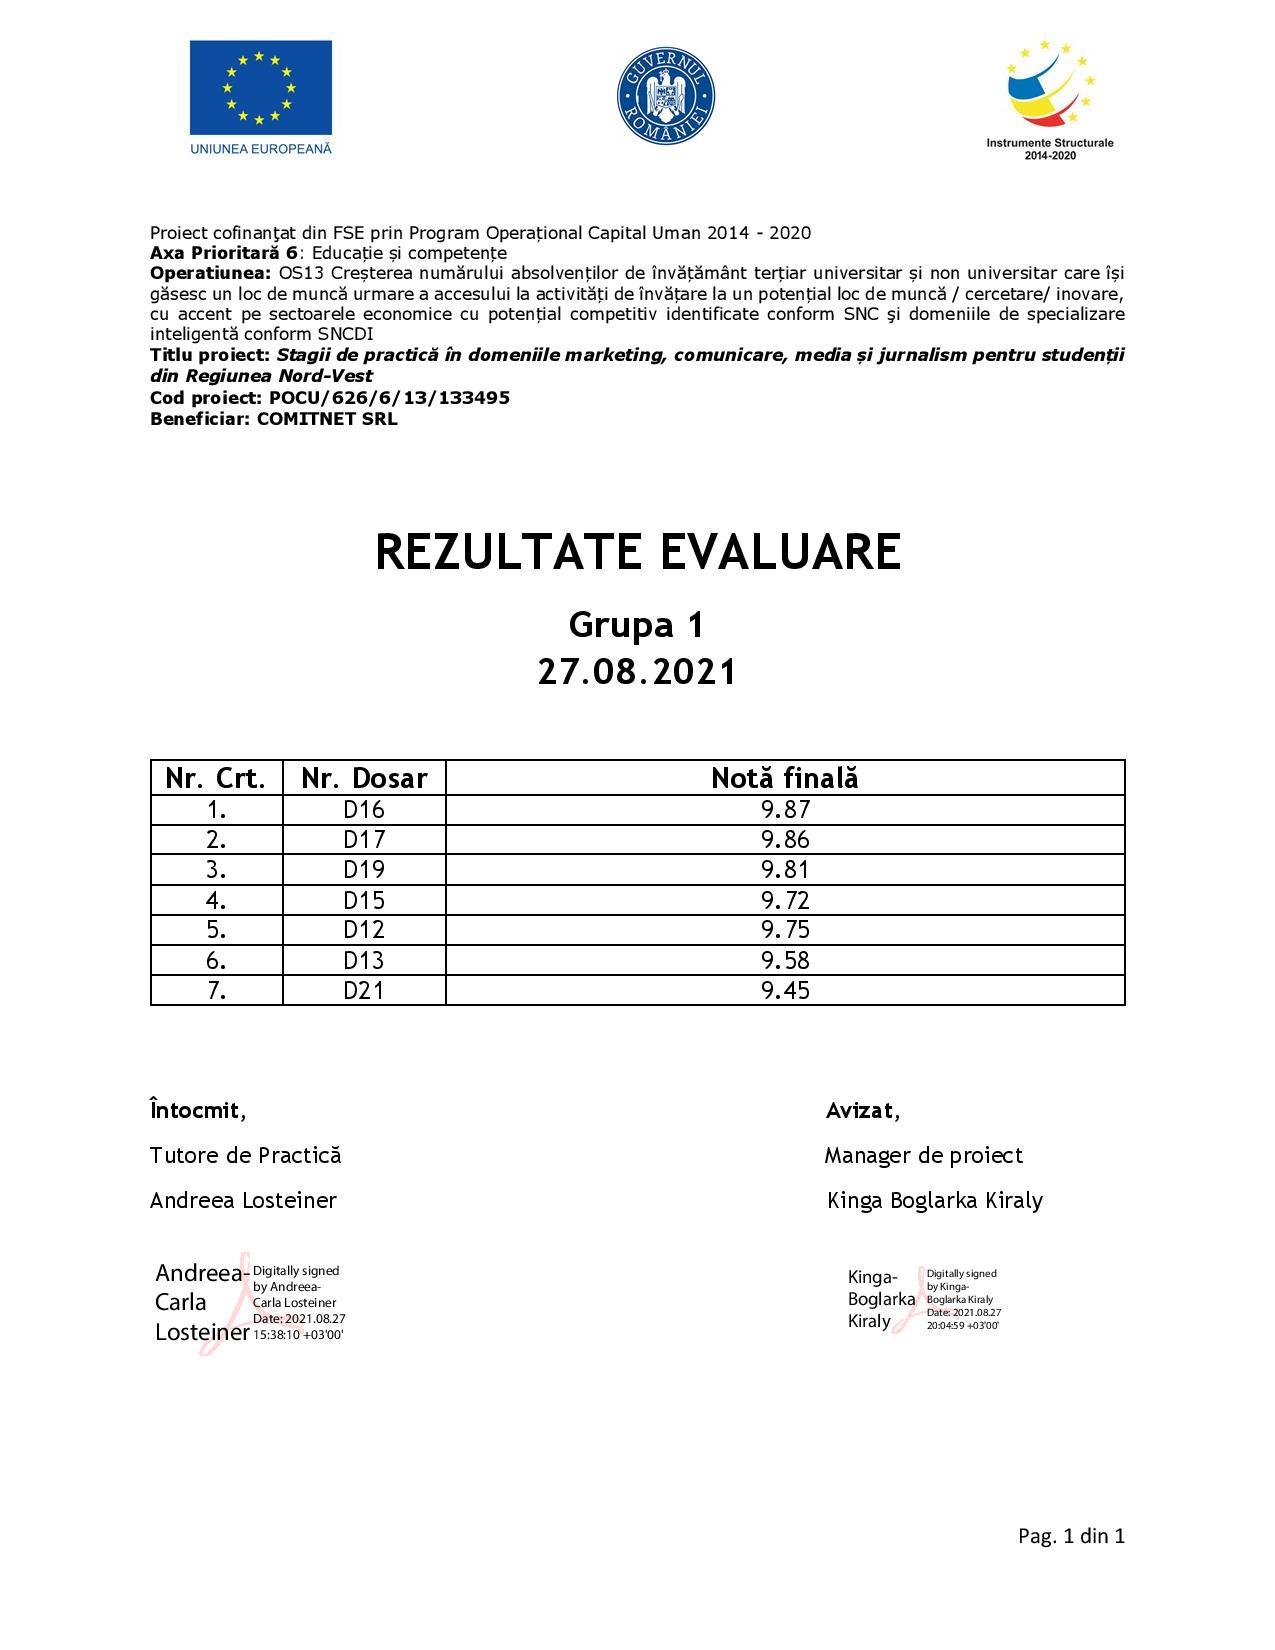 [Stagii de Practică SEO 365] Rezultate evaluare - Gr. I-page-001